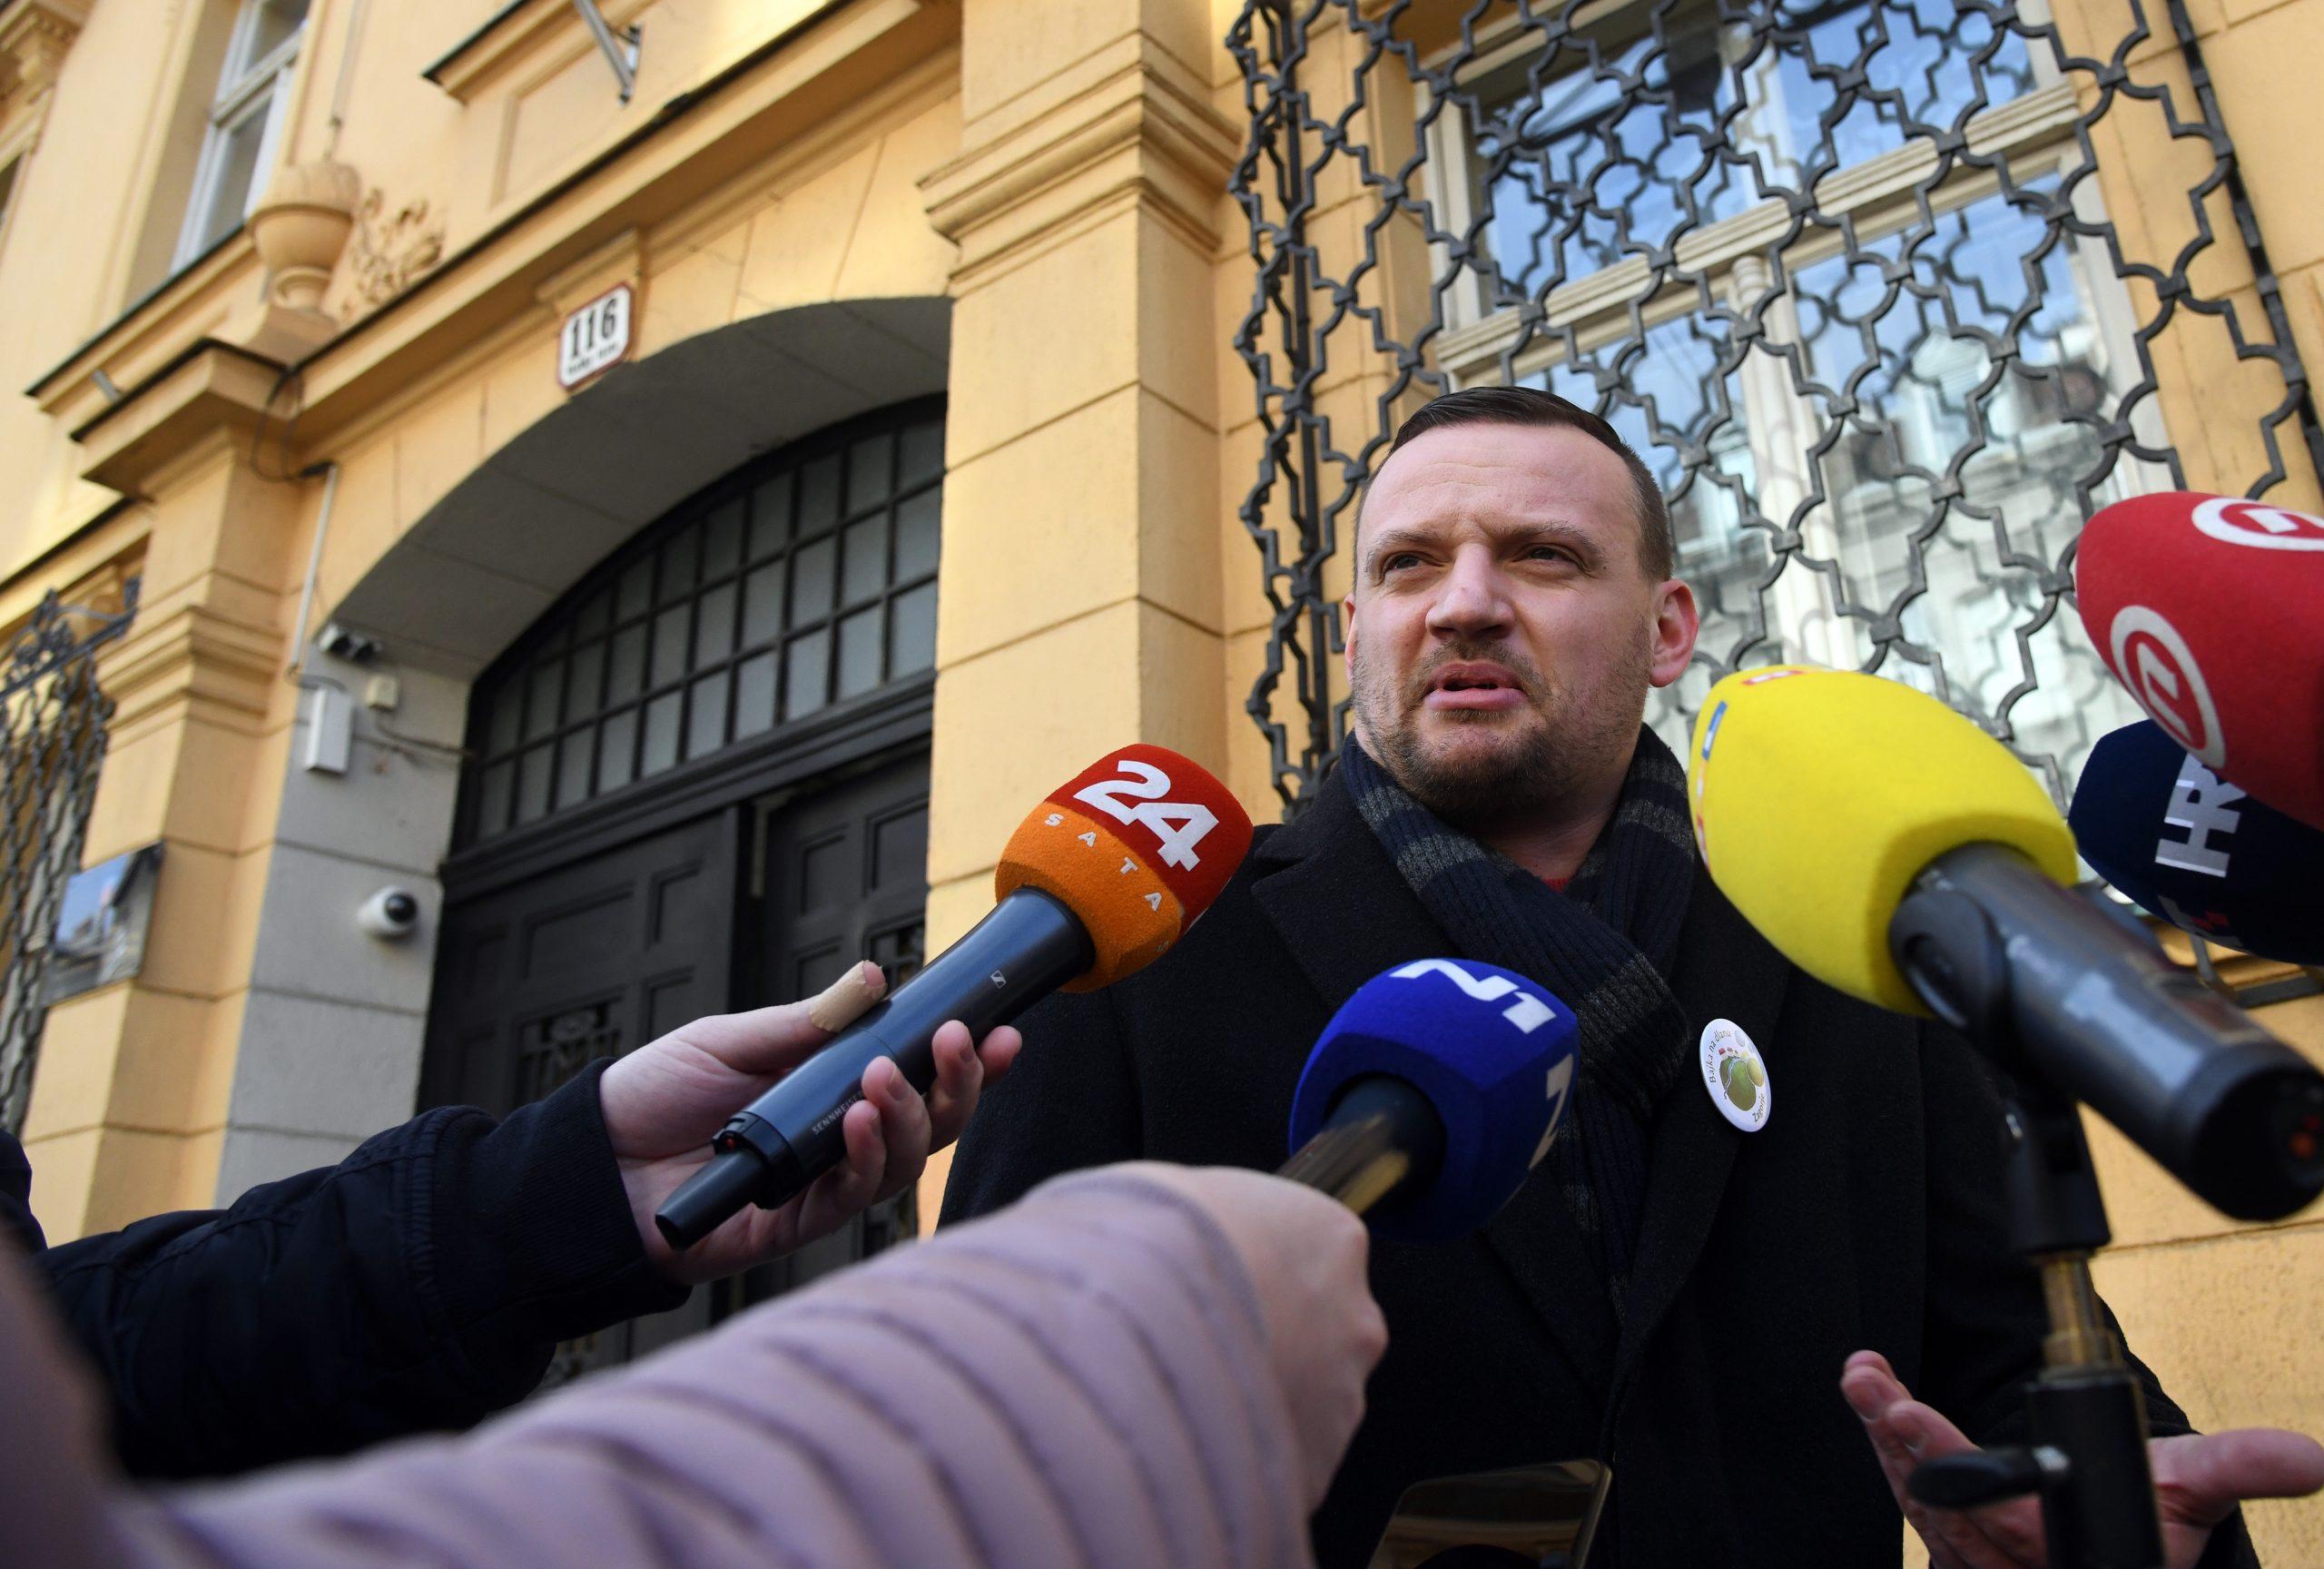 Viktor Šimunić / Josip Regovic/PIXSELL